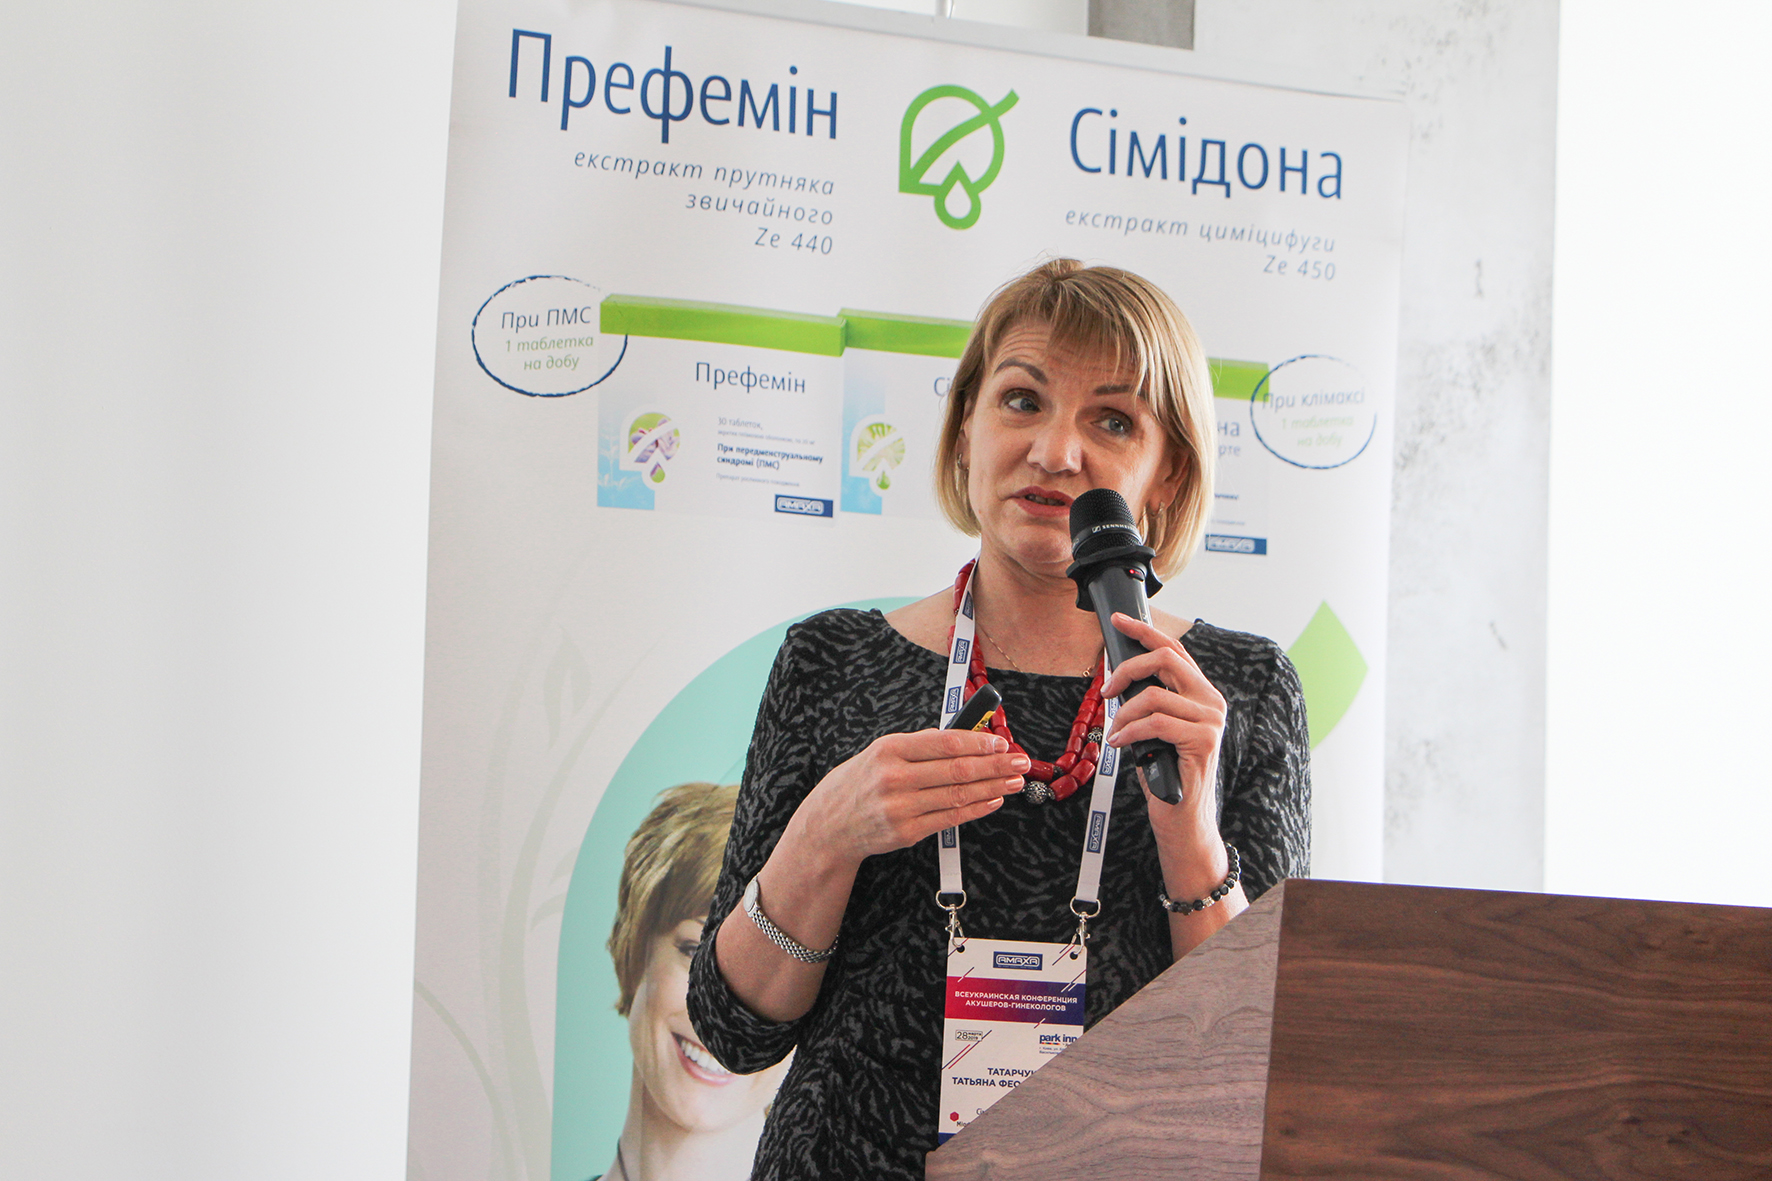 Всеукраинская конференция акушеров-гинекологов, Татьяна Татарчук